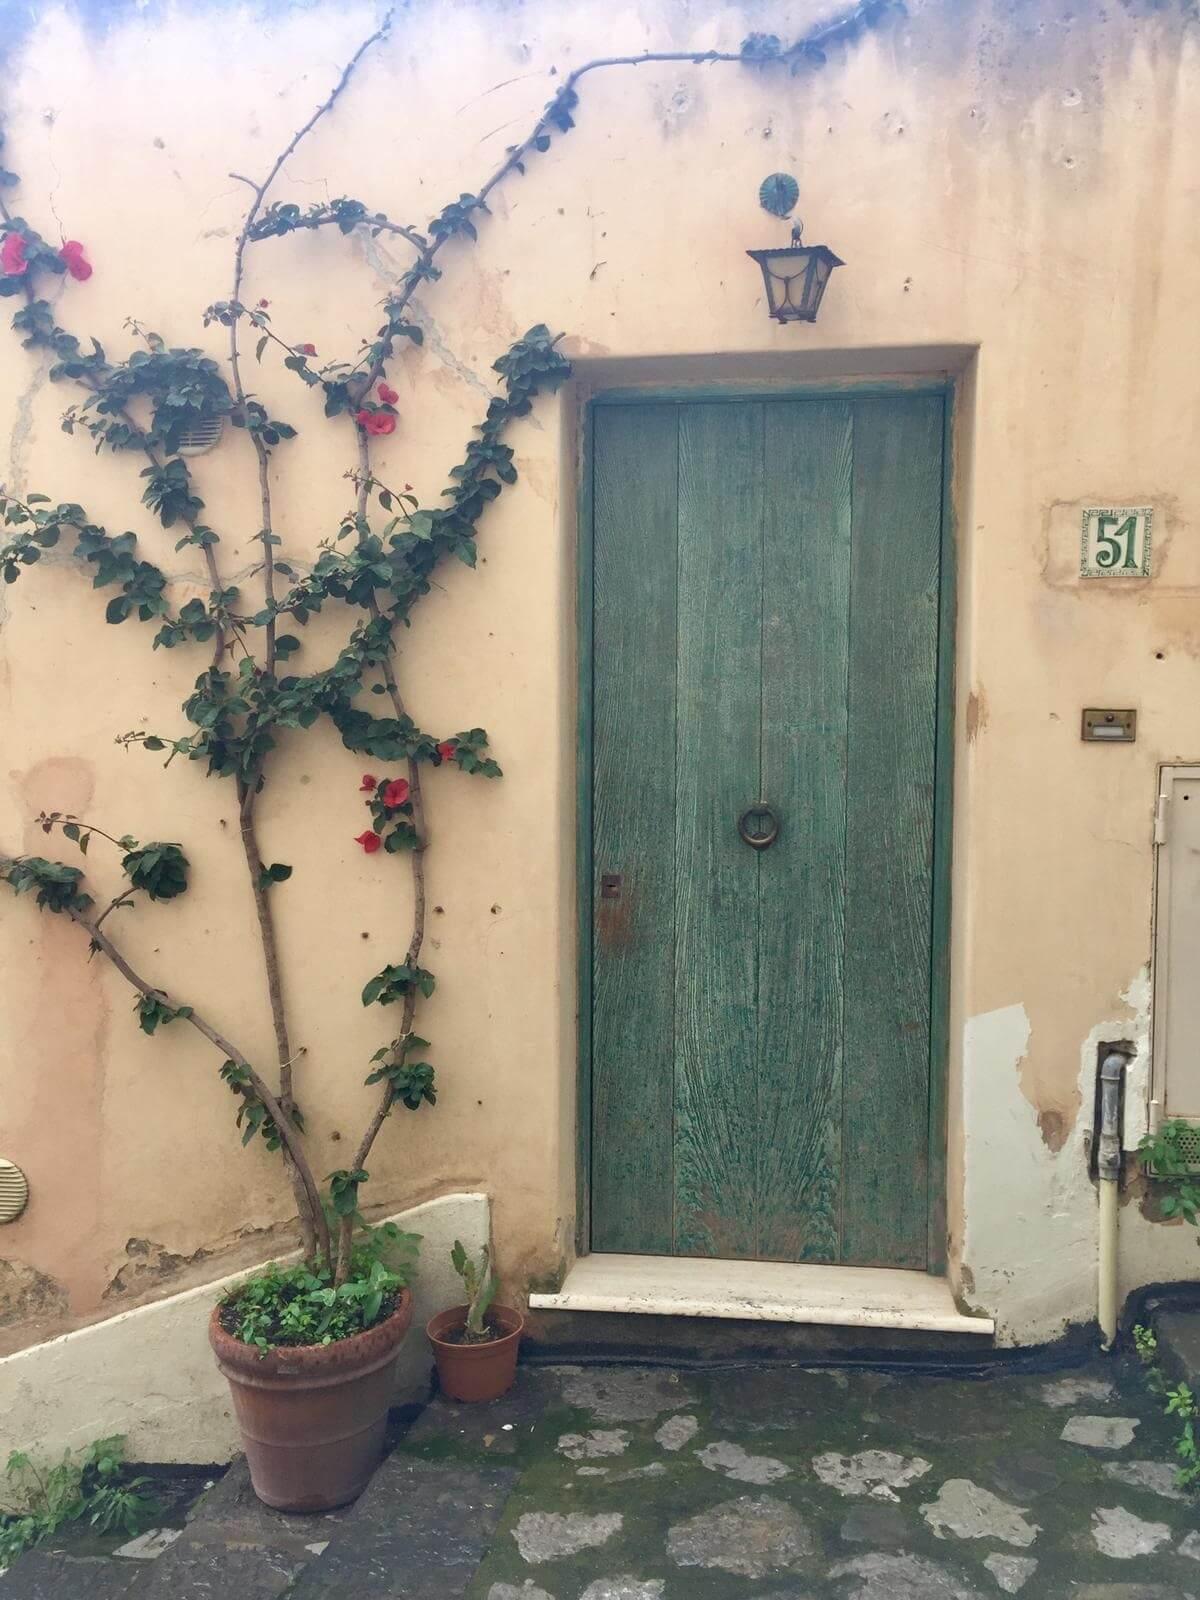 דלת צבעונית בפוזיטנו